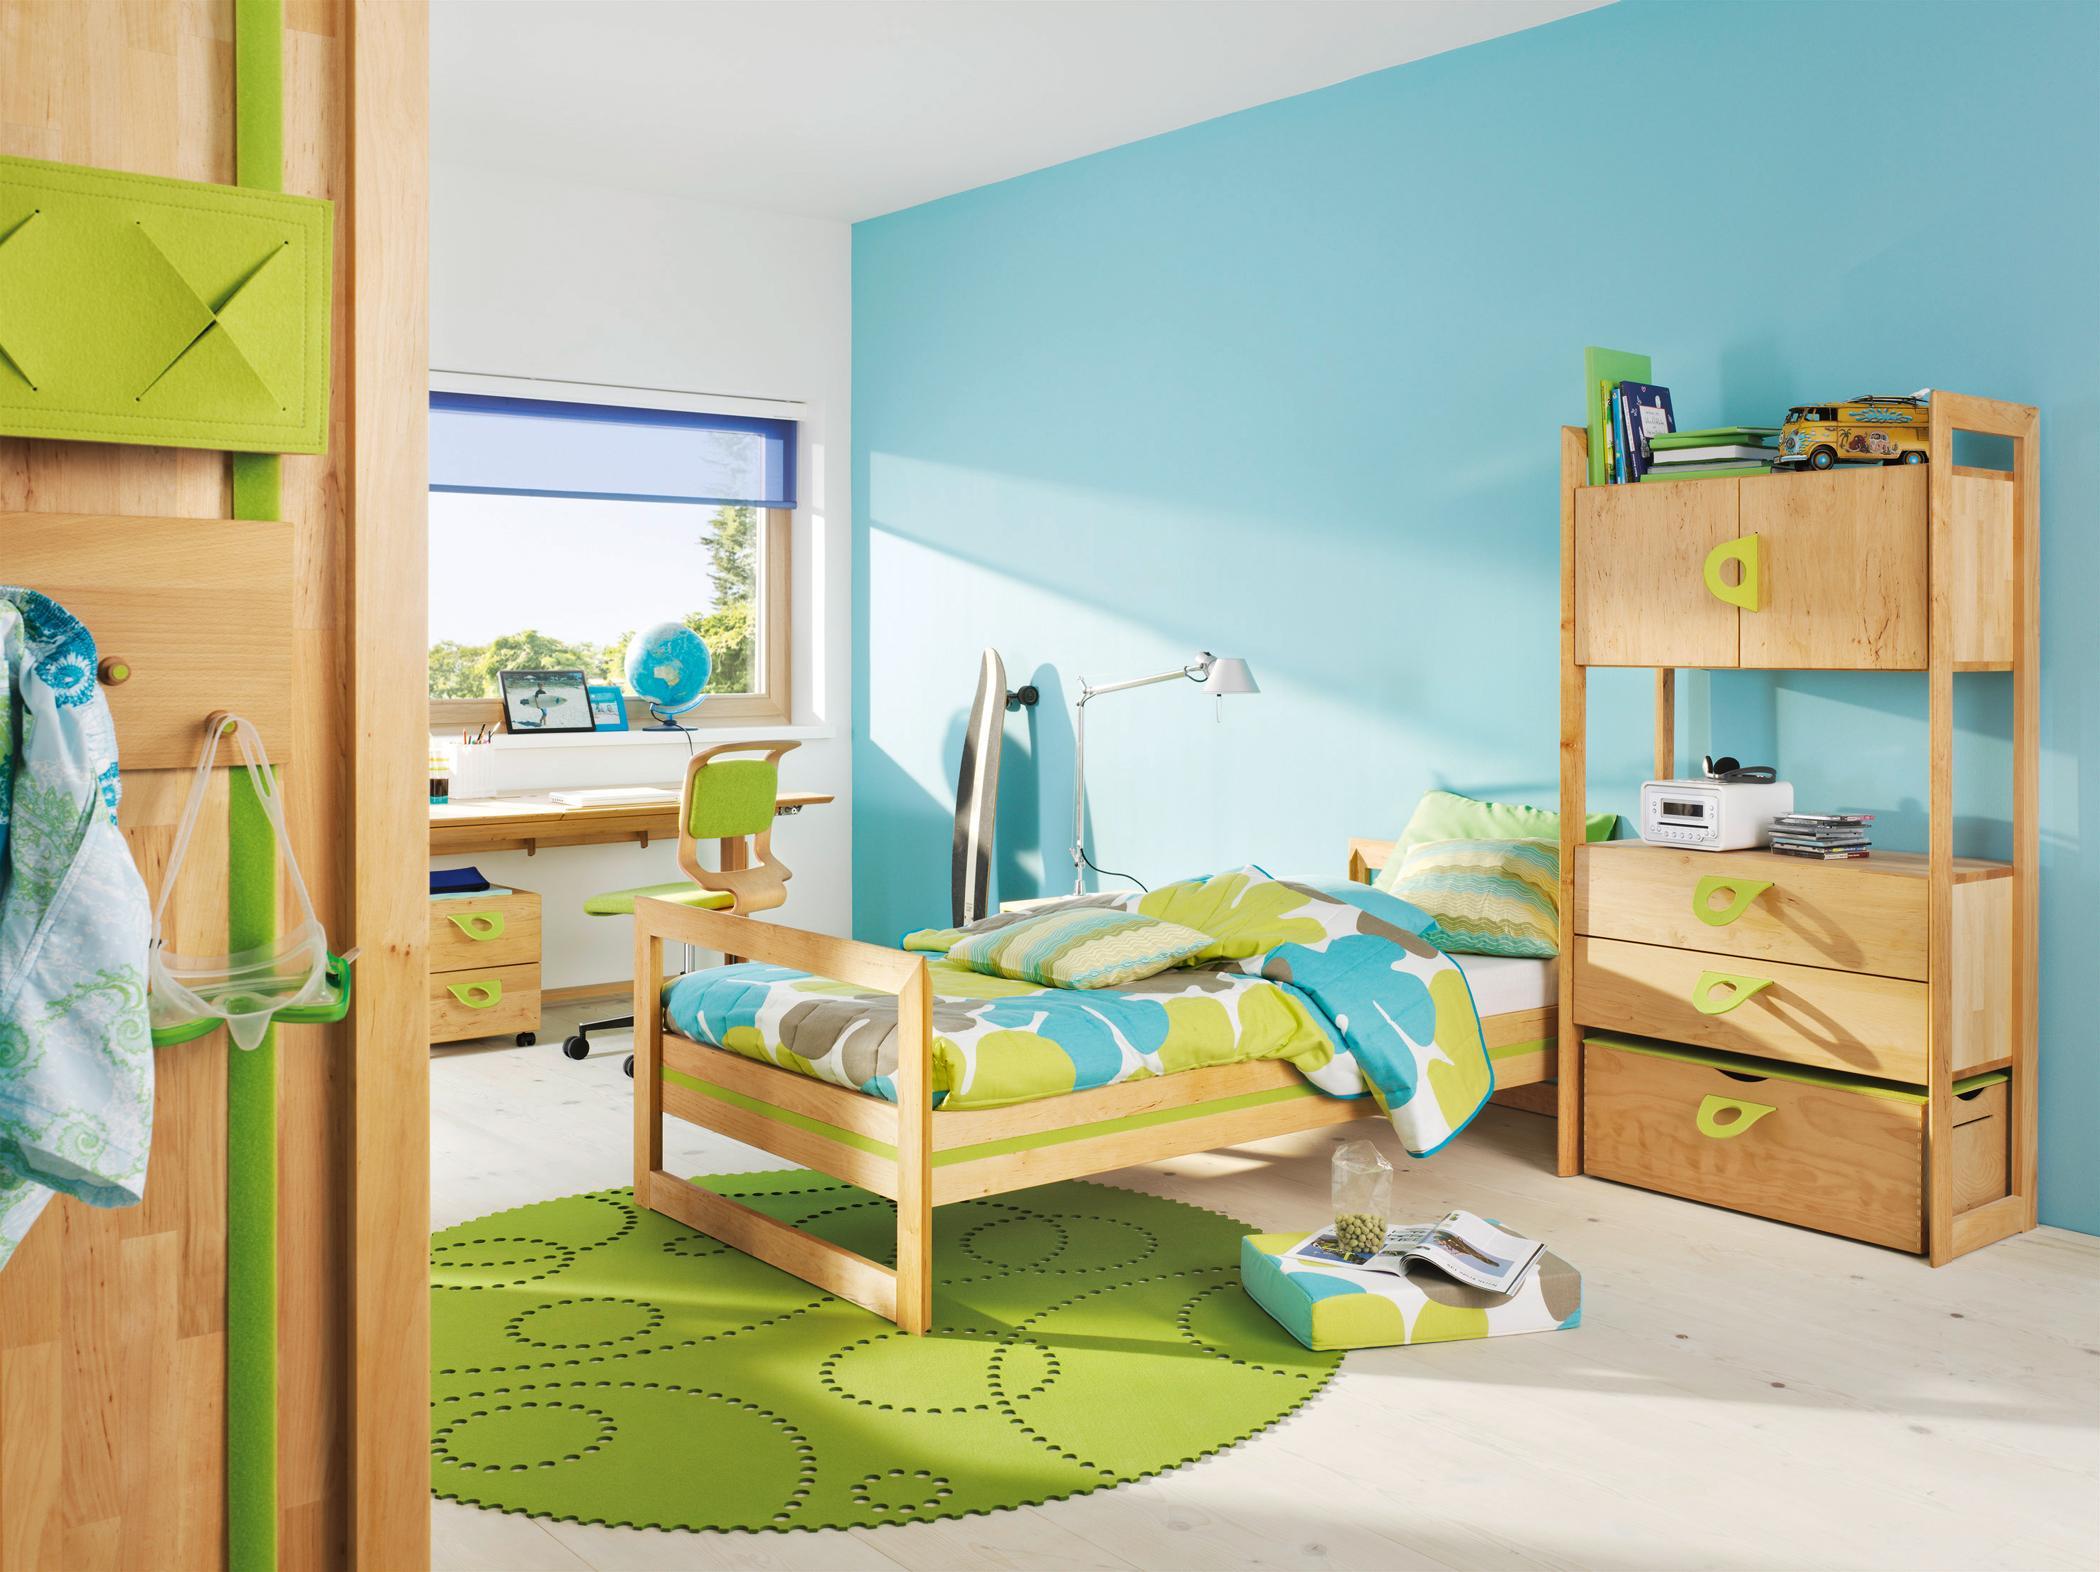 Kinderzimmer in Grün und Blau #jugendzimmer #kinderb...